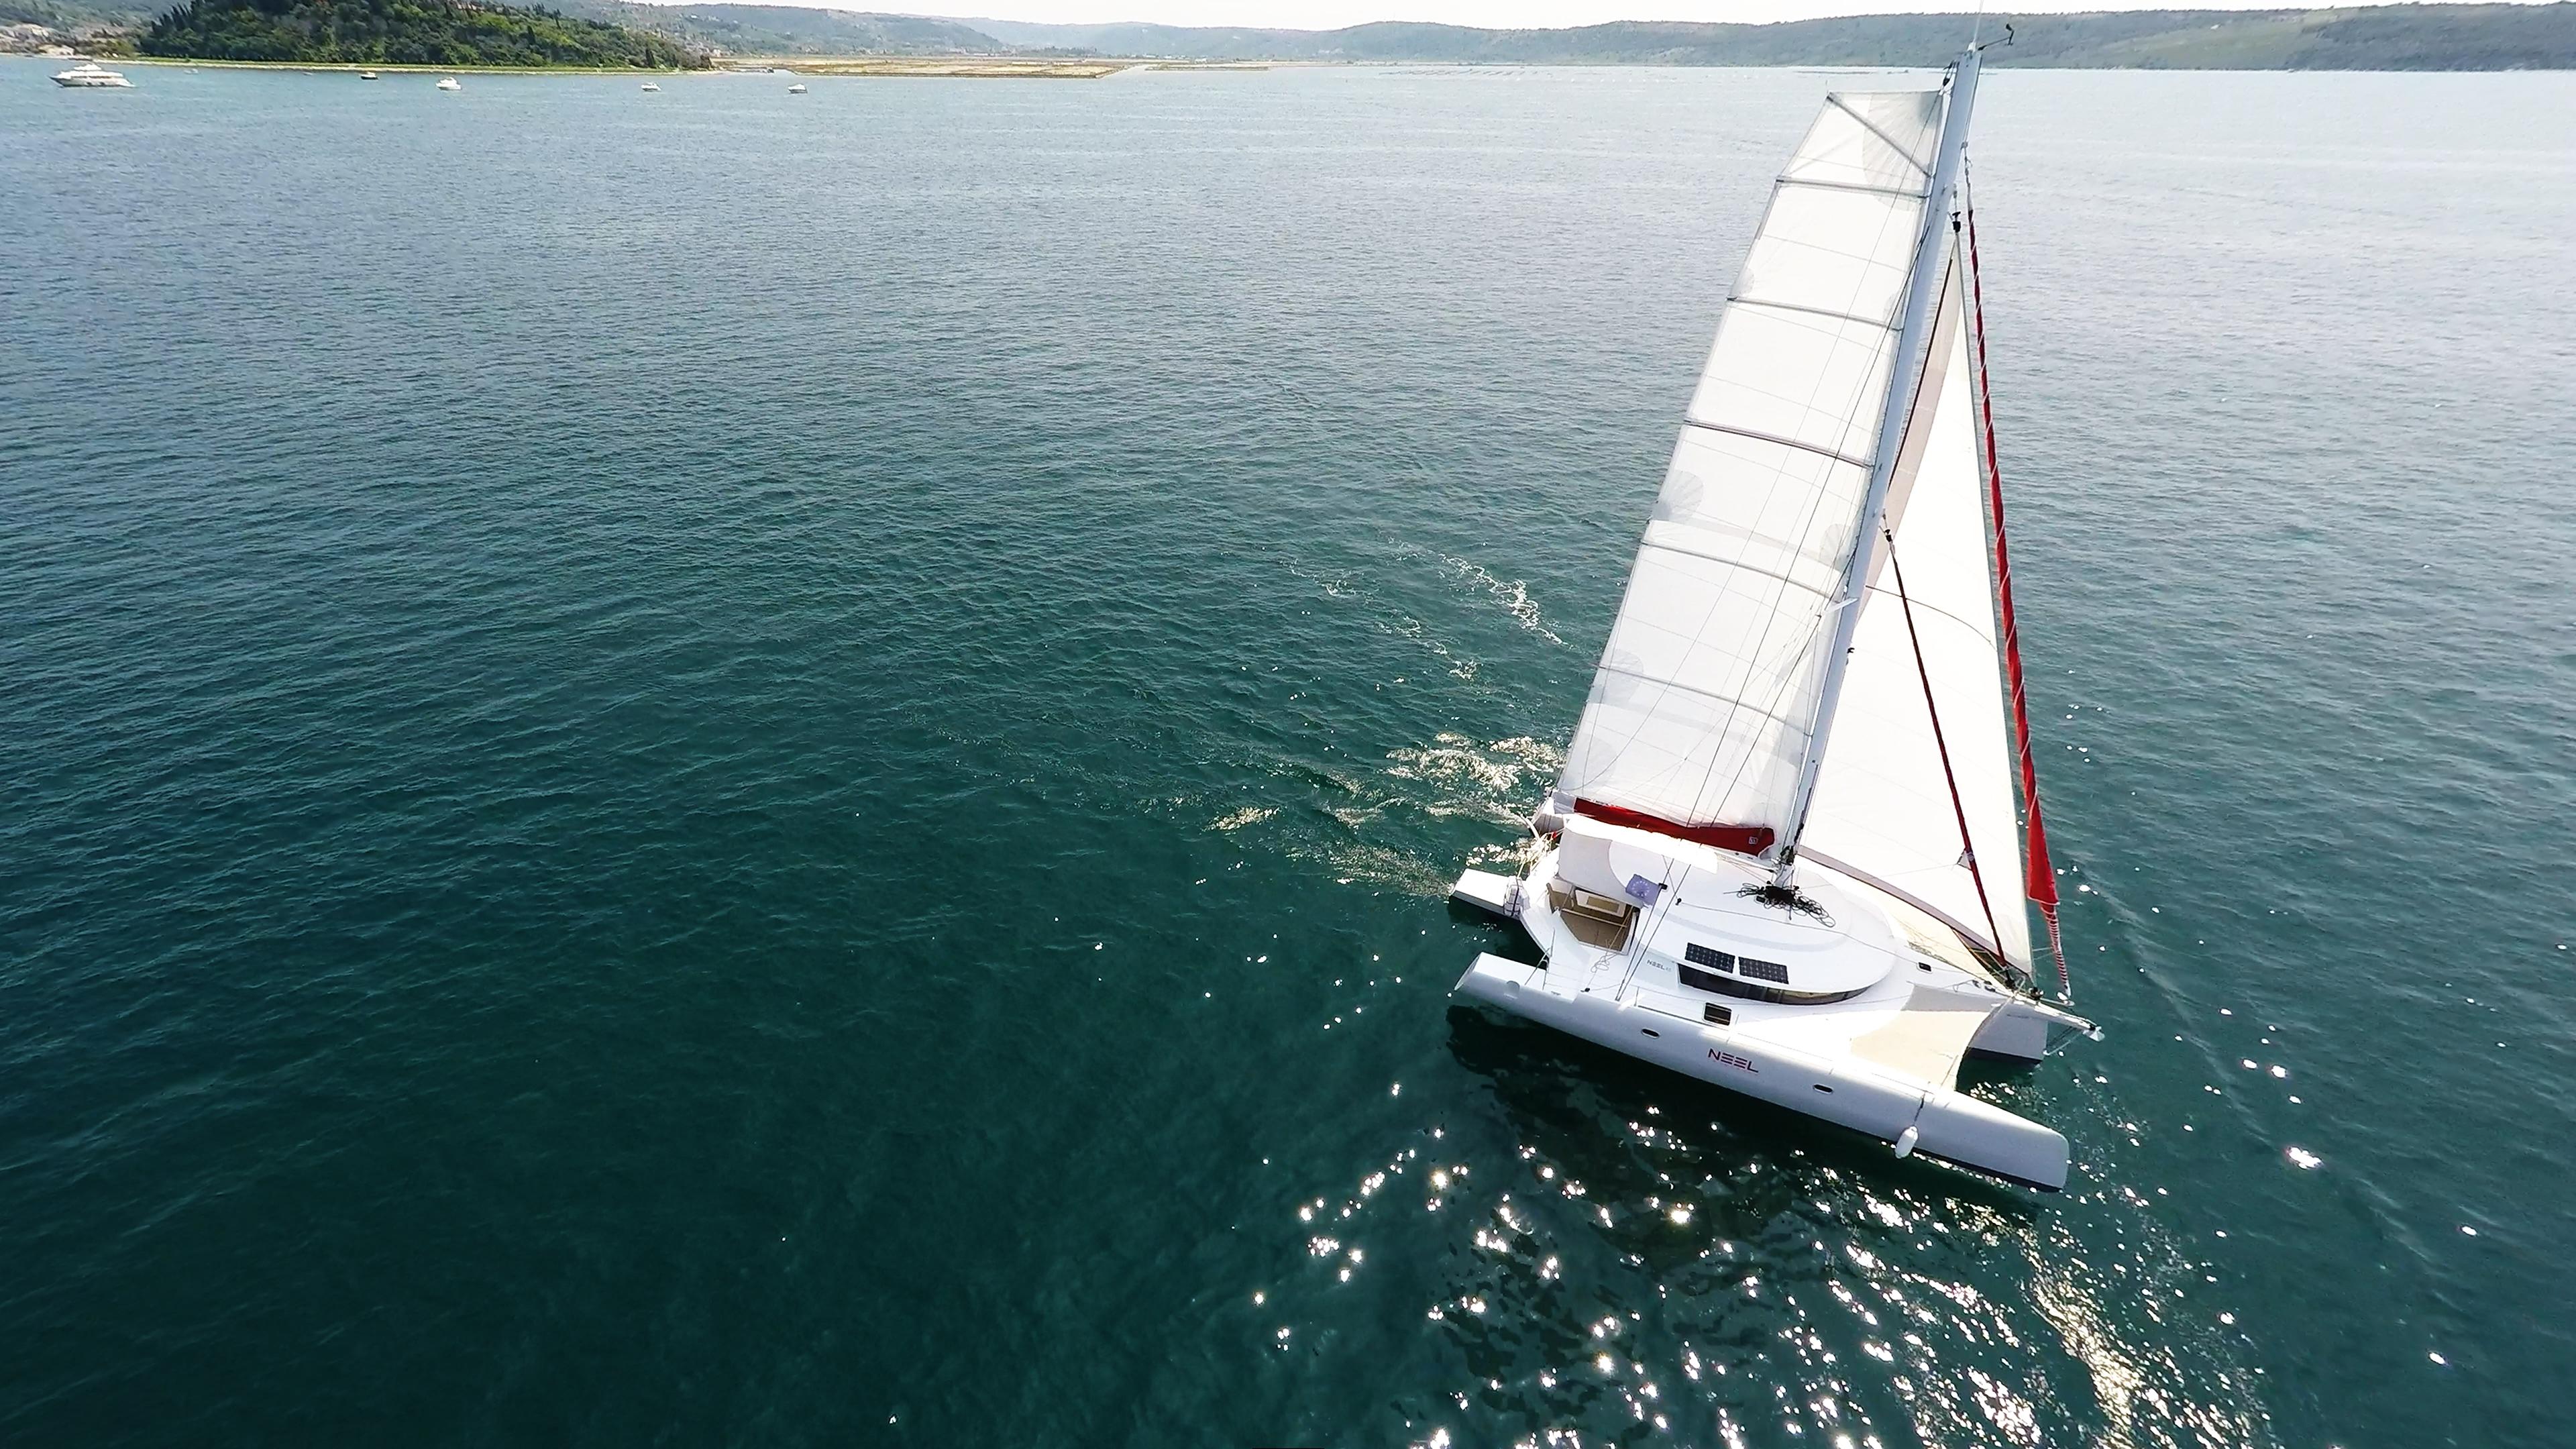 barca a vela trimarano al mare vista dall'aria